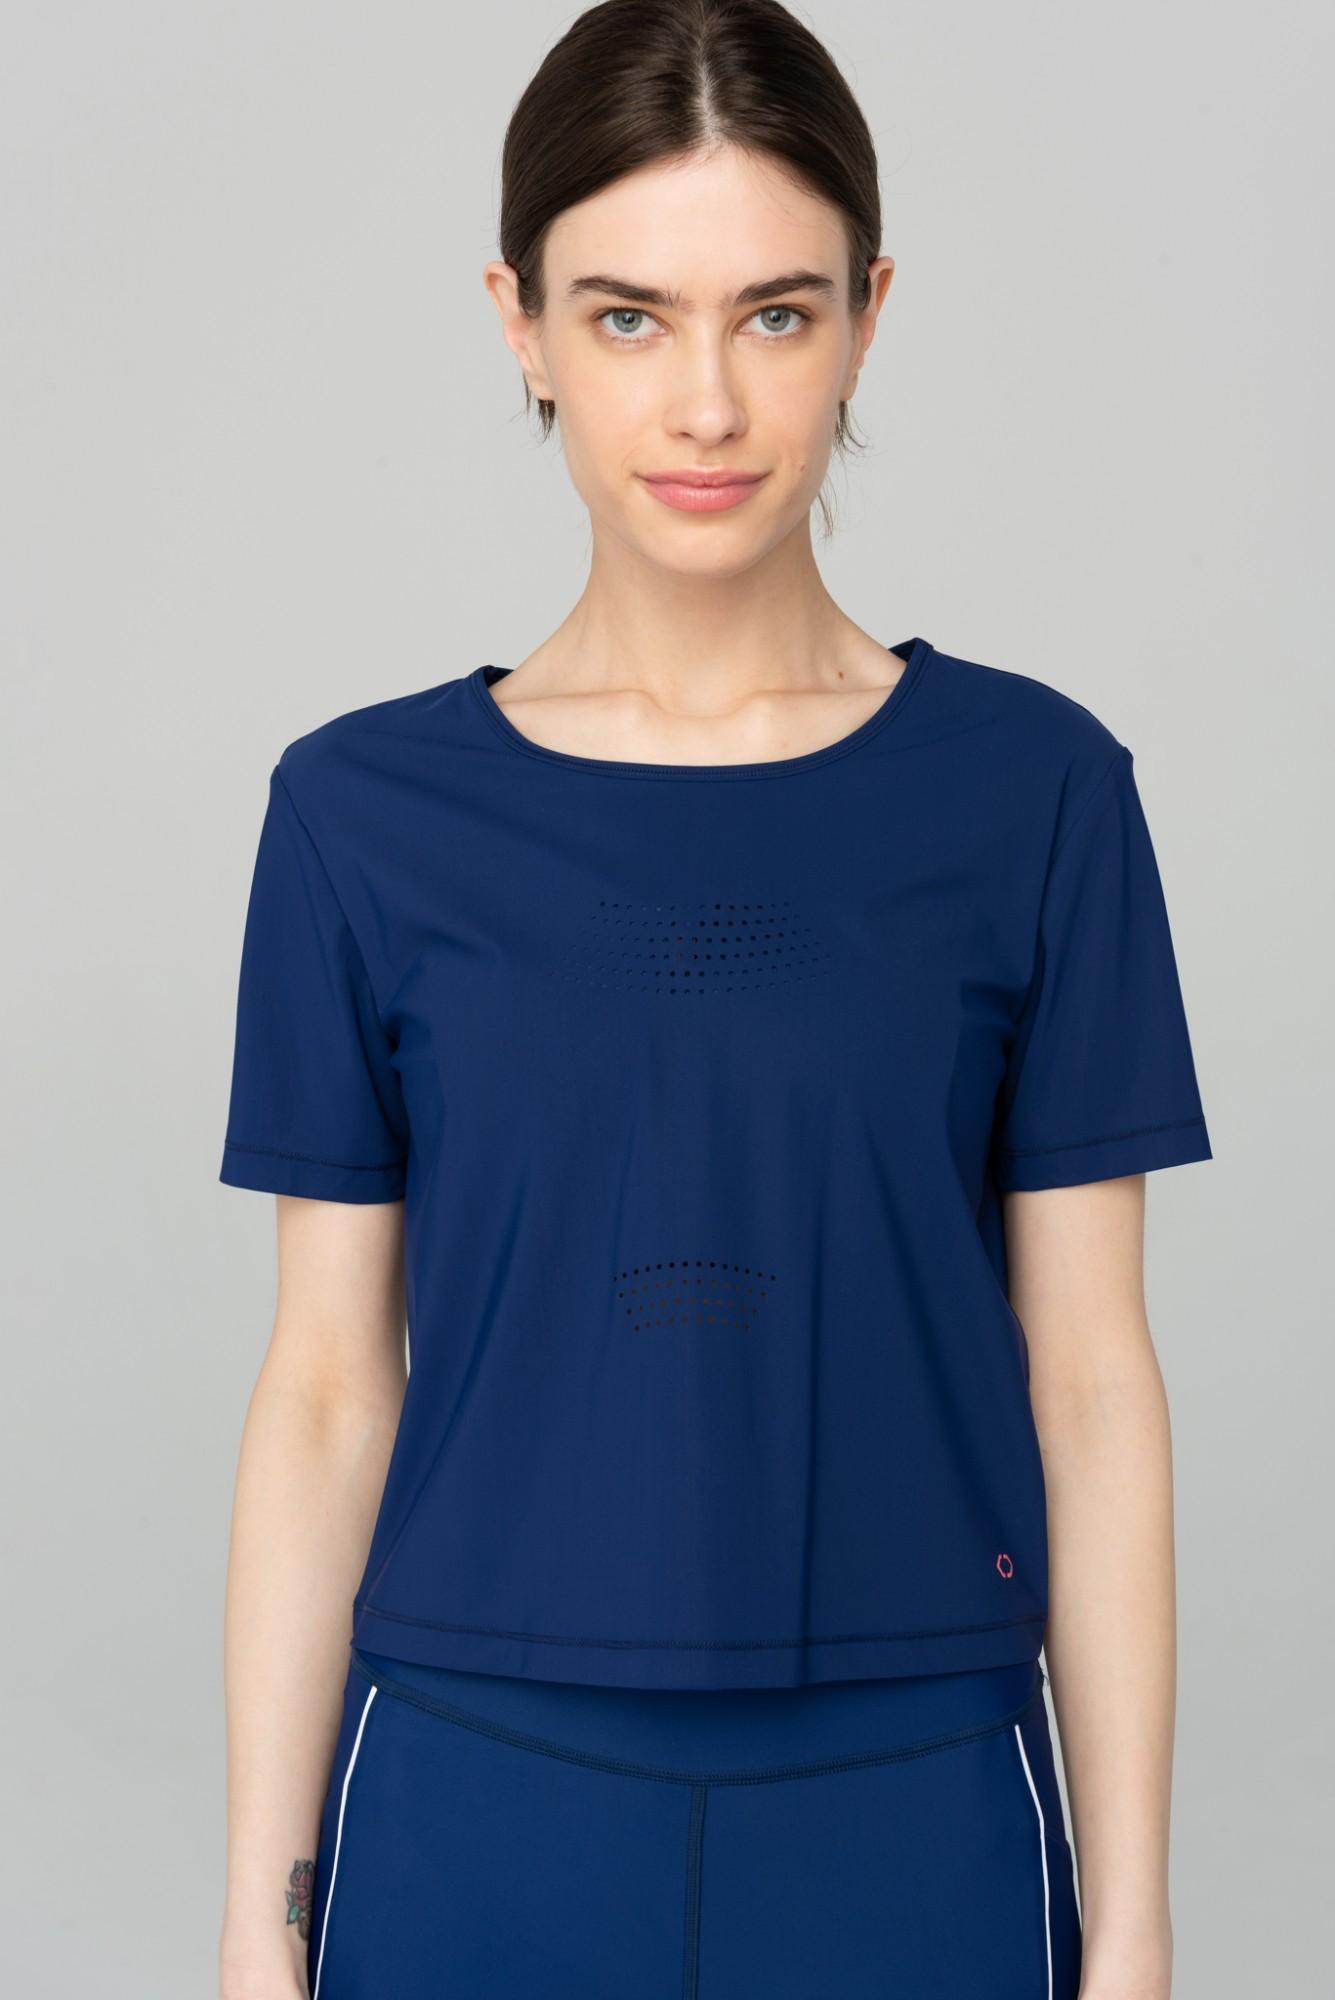 AUDIMAS Trumpi marškinėliai SENSITIVE 2111-312 Blue Depths S